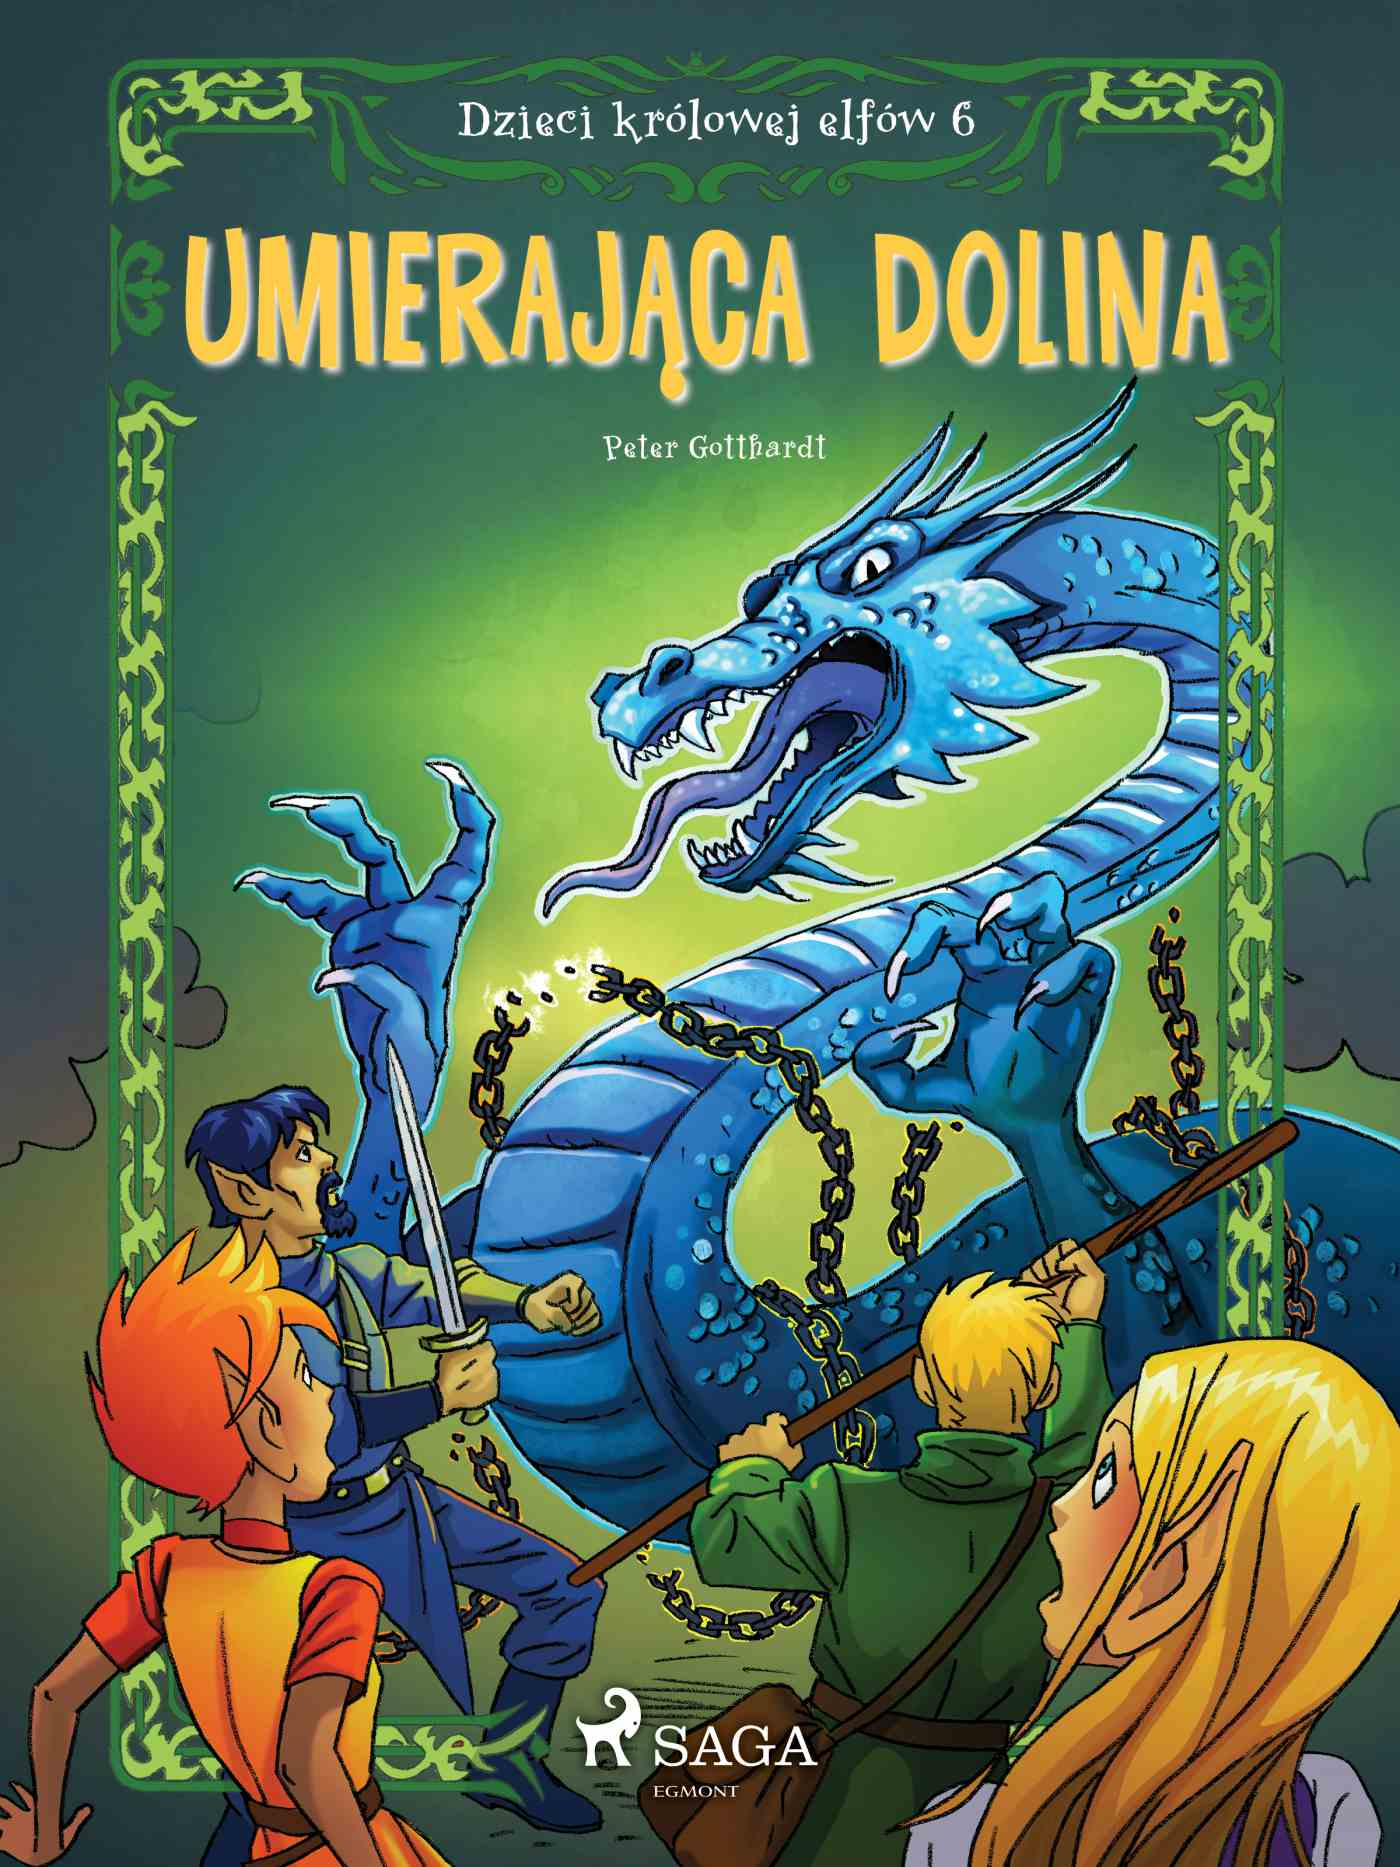 Dzieci królowej elfów 6 - Umierająca dolina - Ebook (Książka na Kindle) do pobrania w formacie MOBI